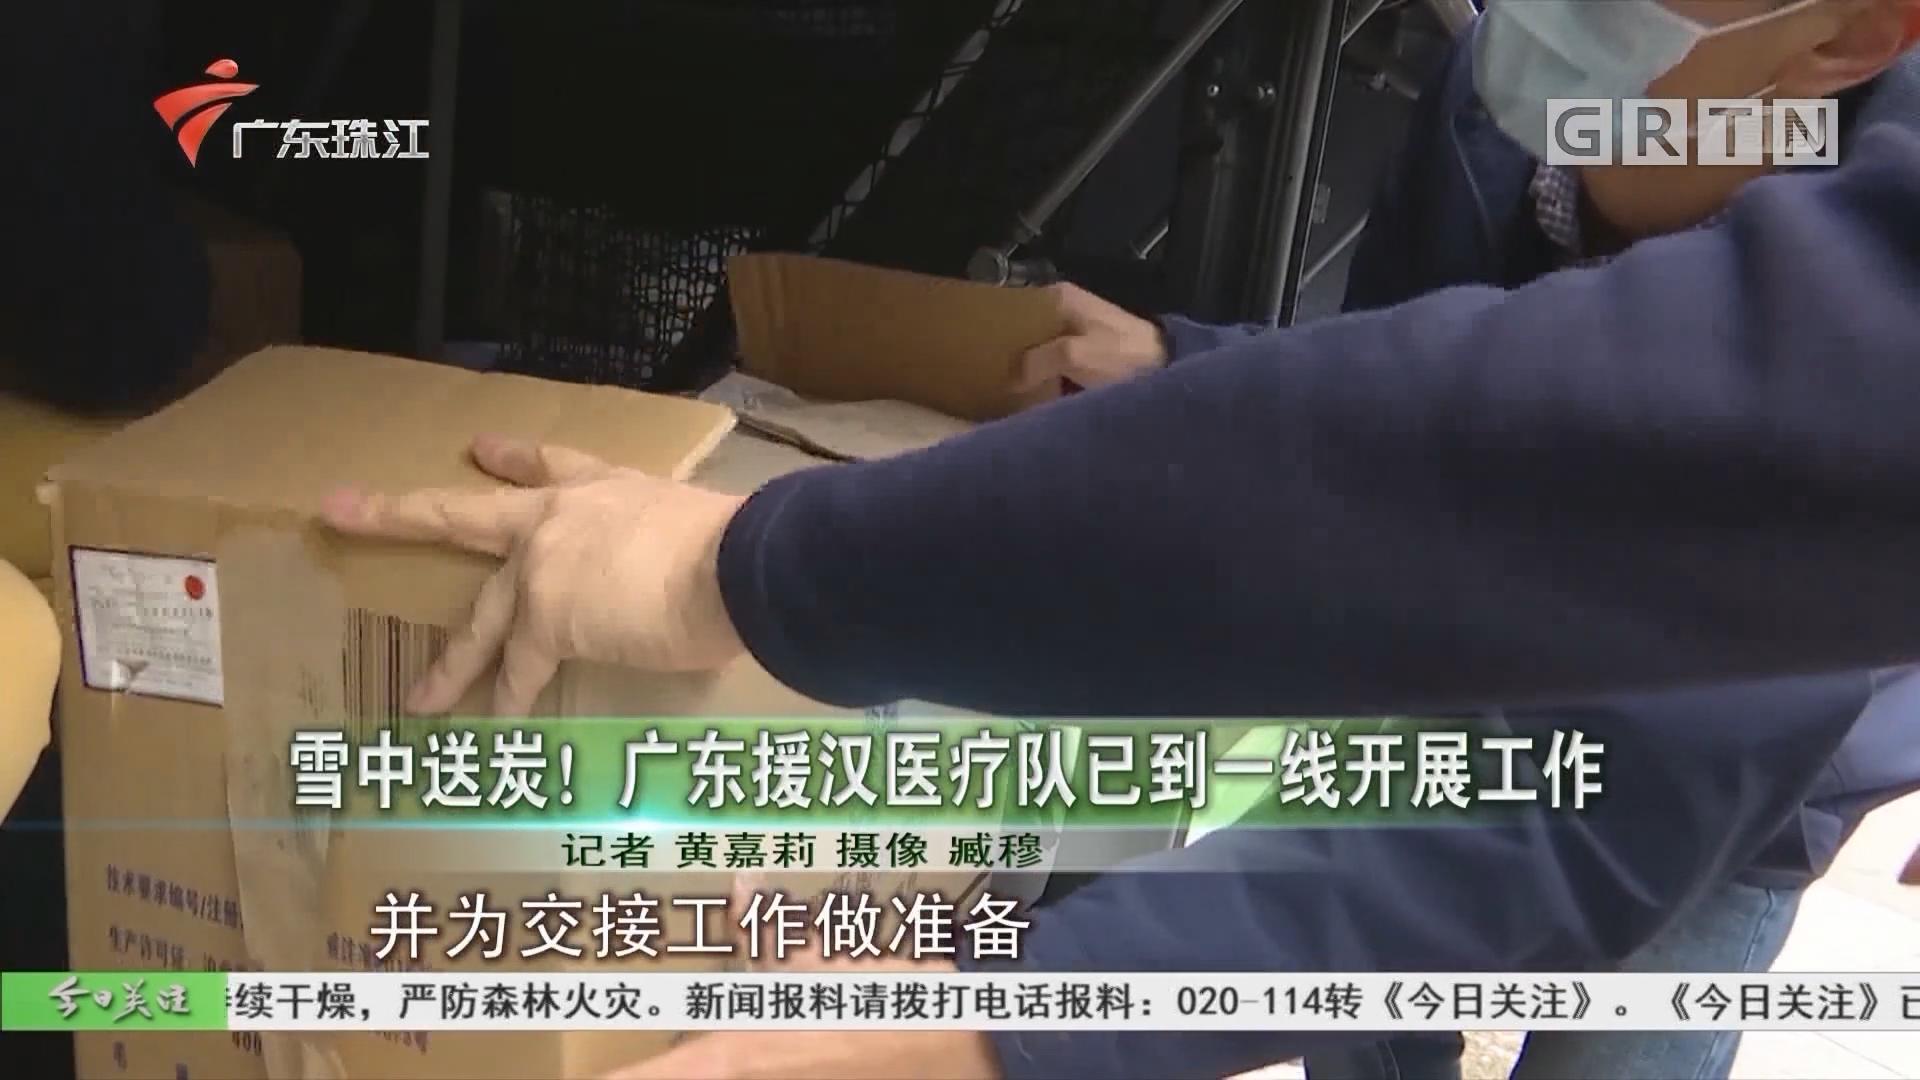 雪中送炭!广东援汉医疗队已到一线开展工作